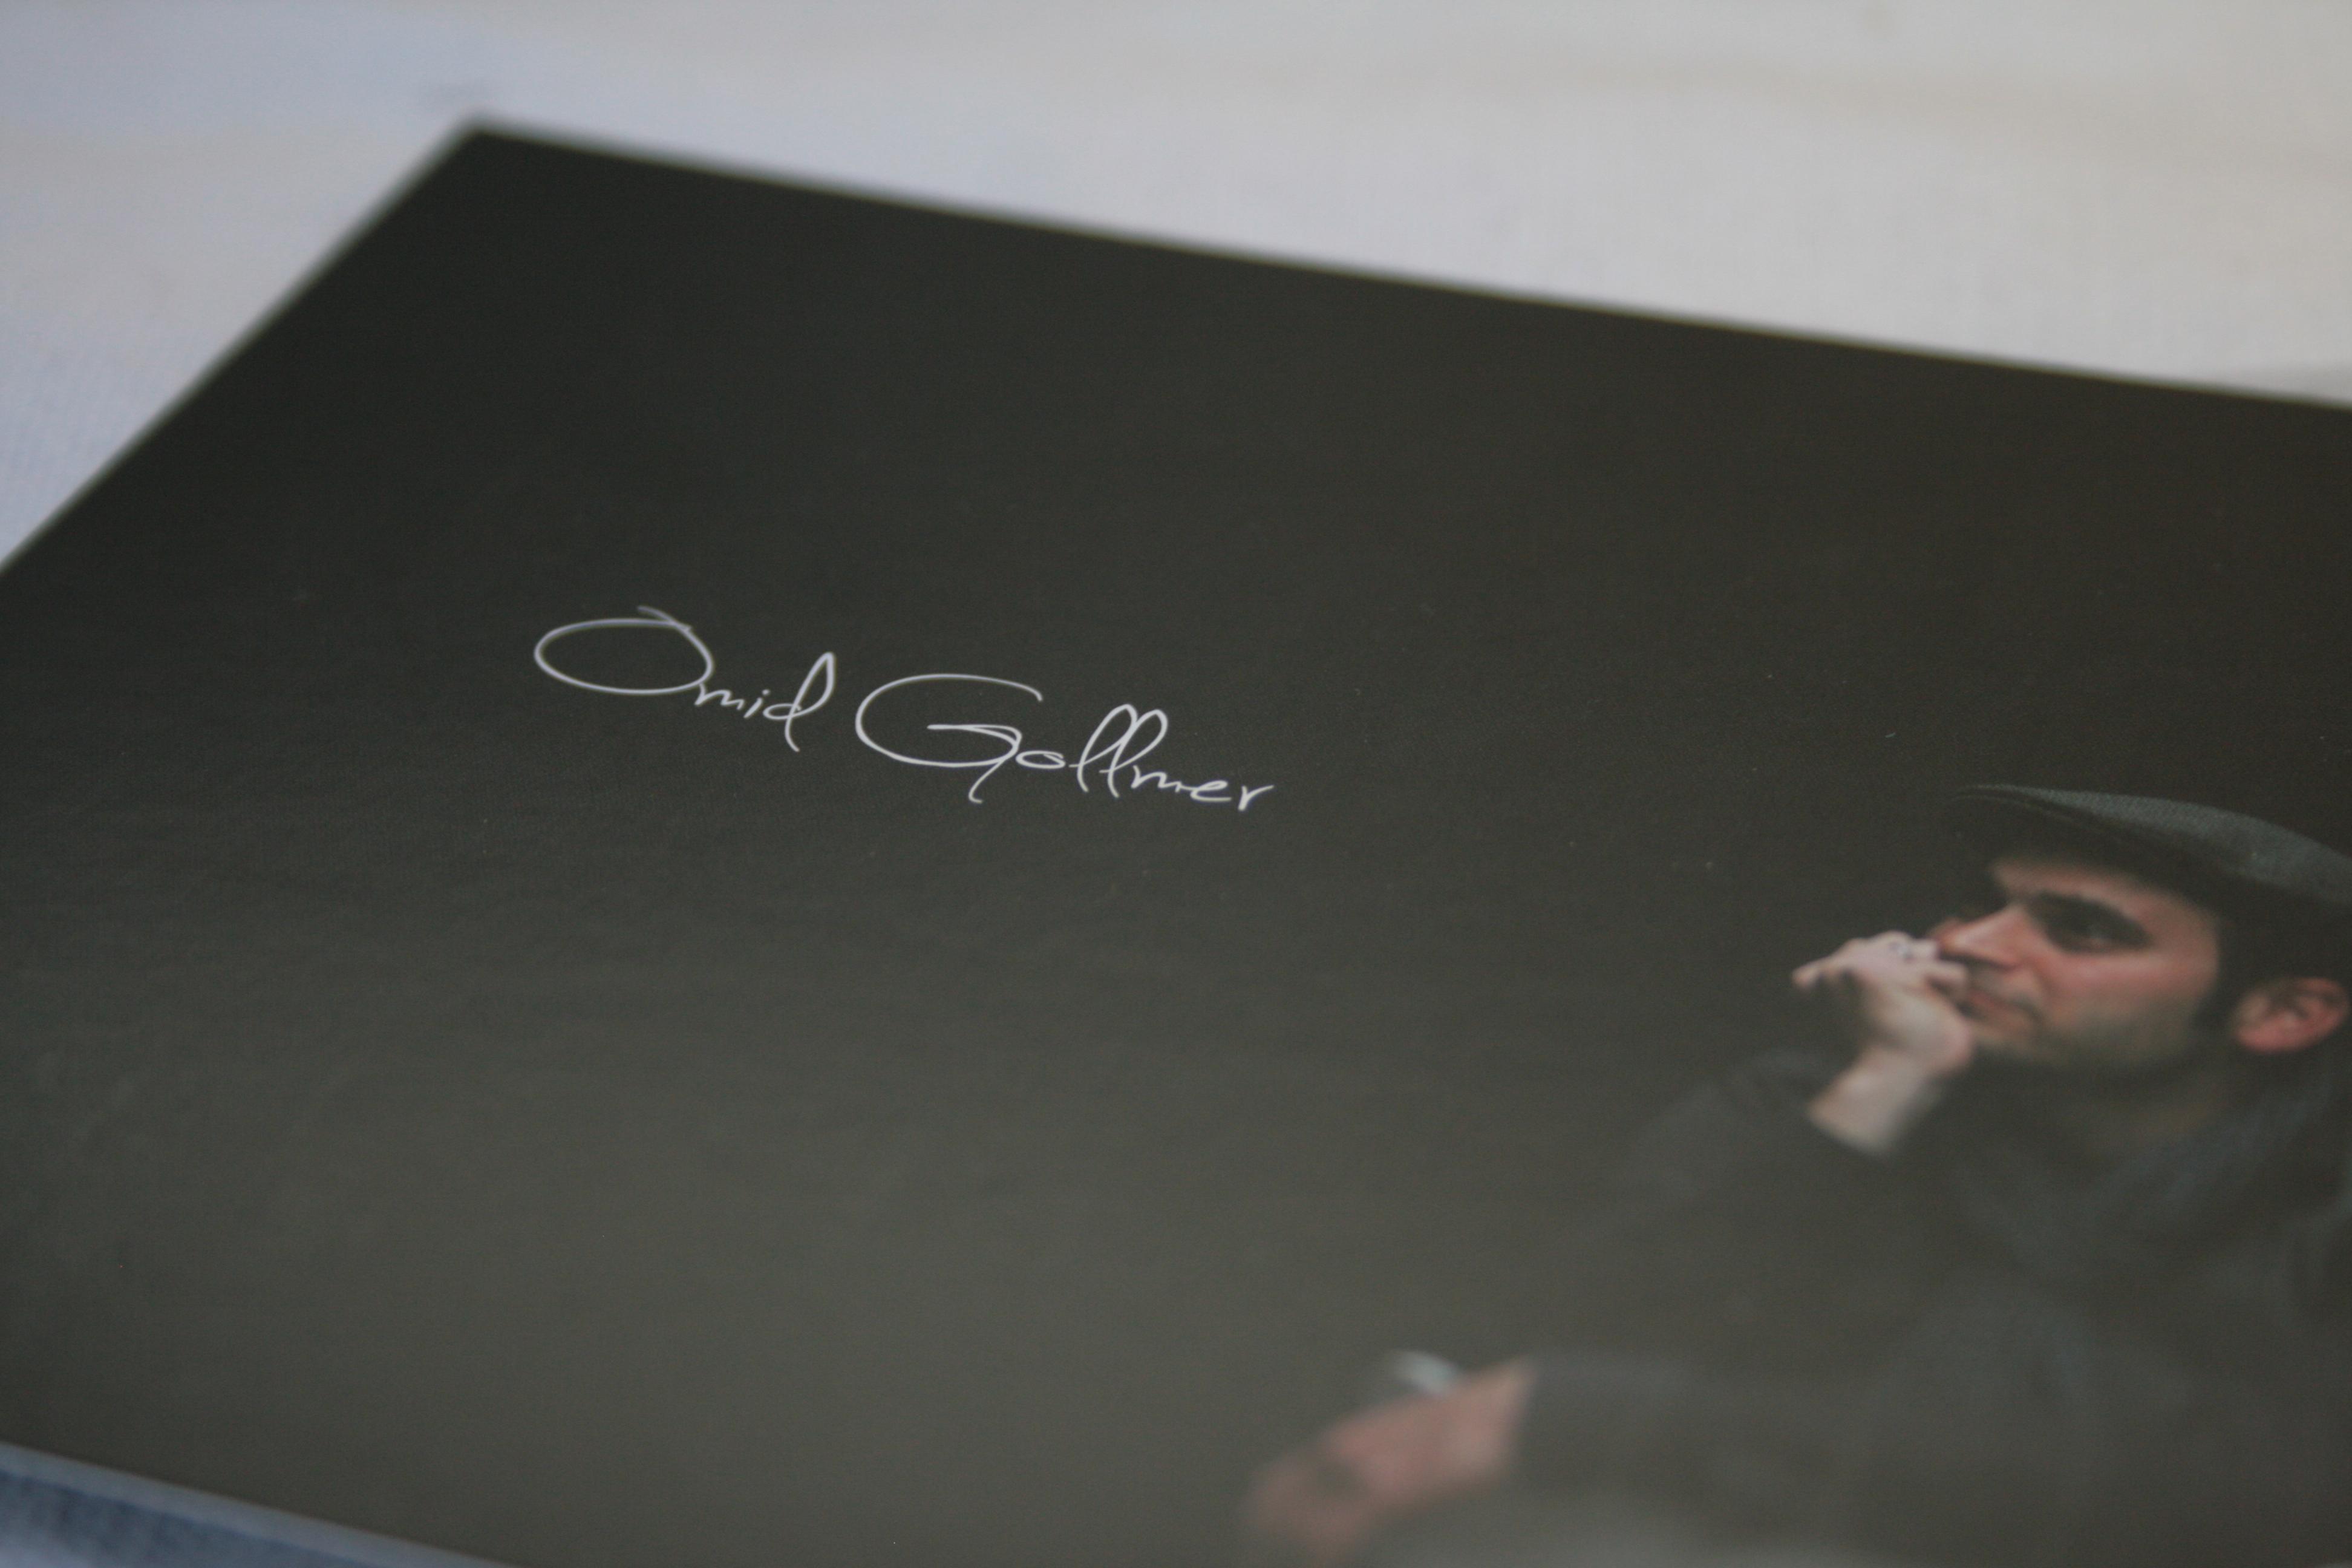 Omid Gollmer Karten